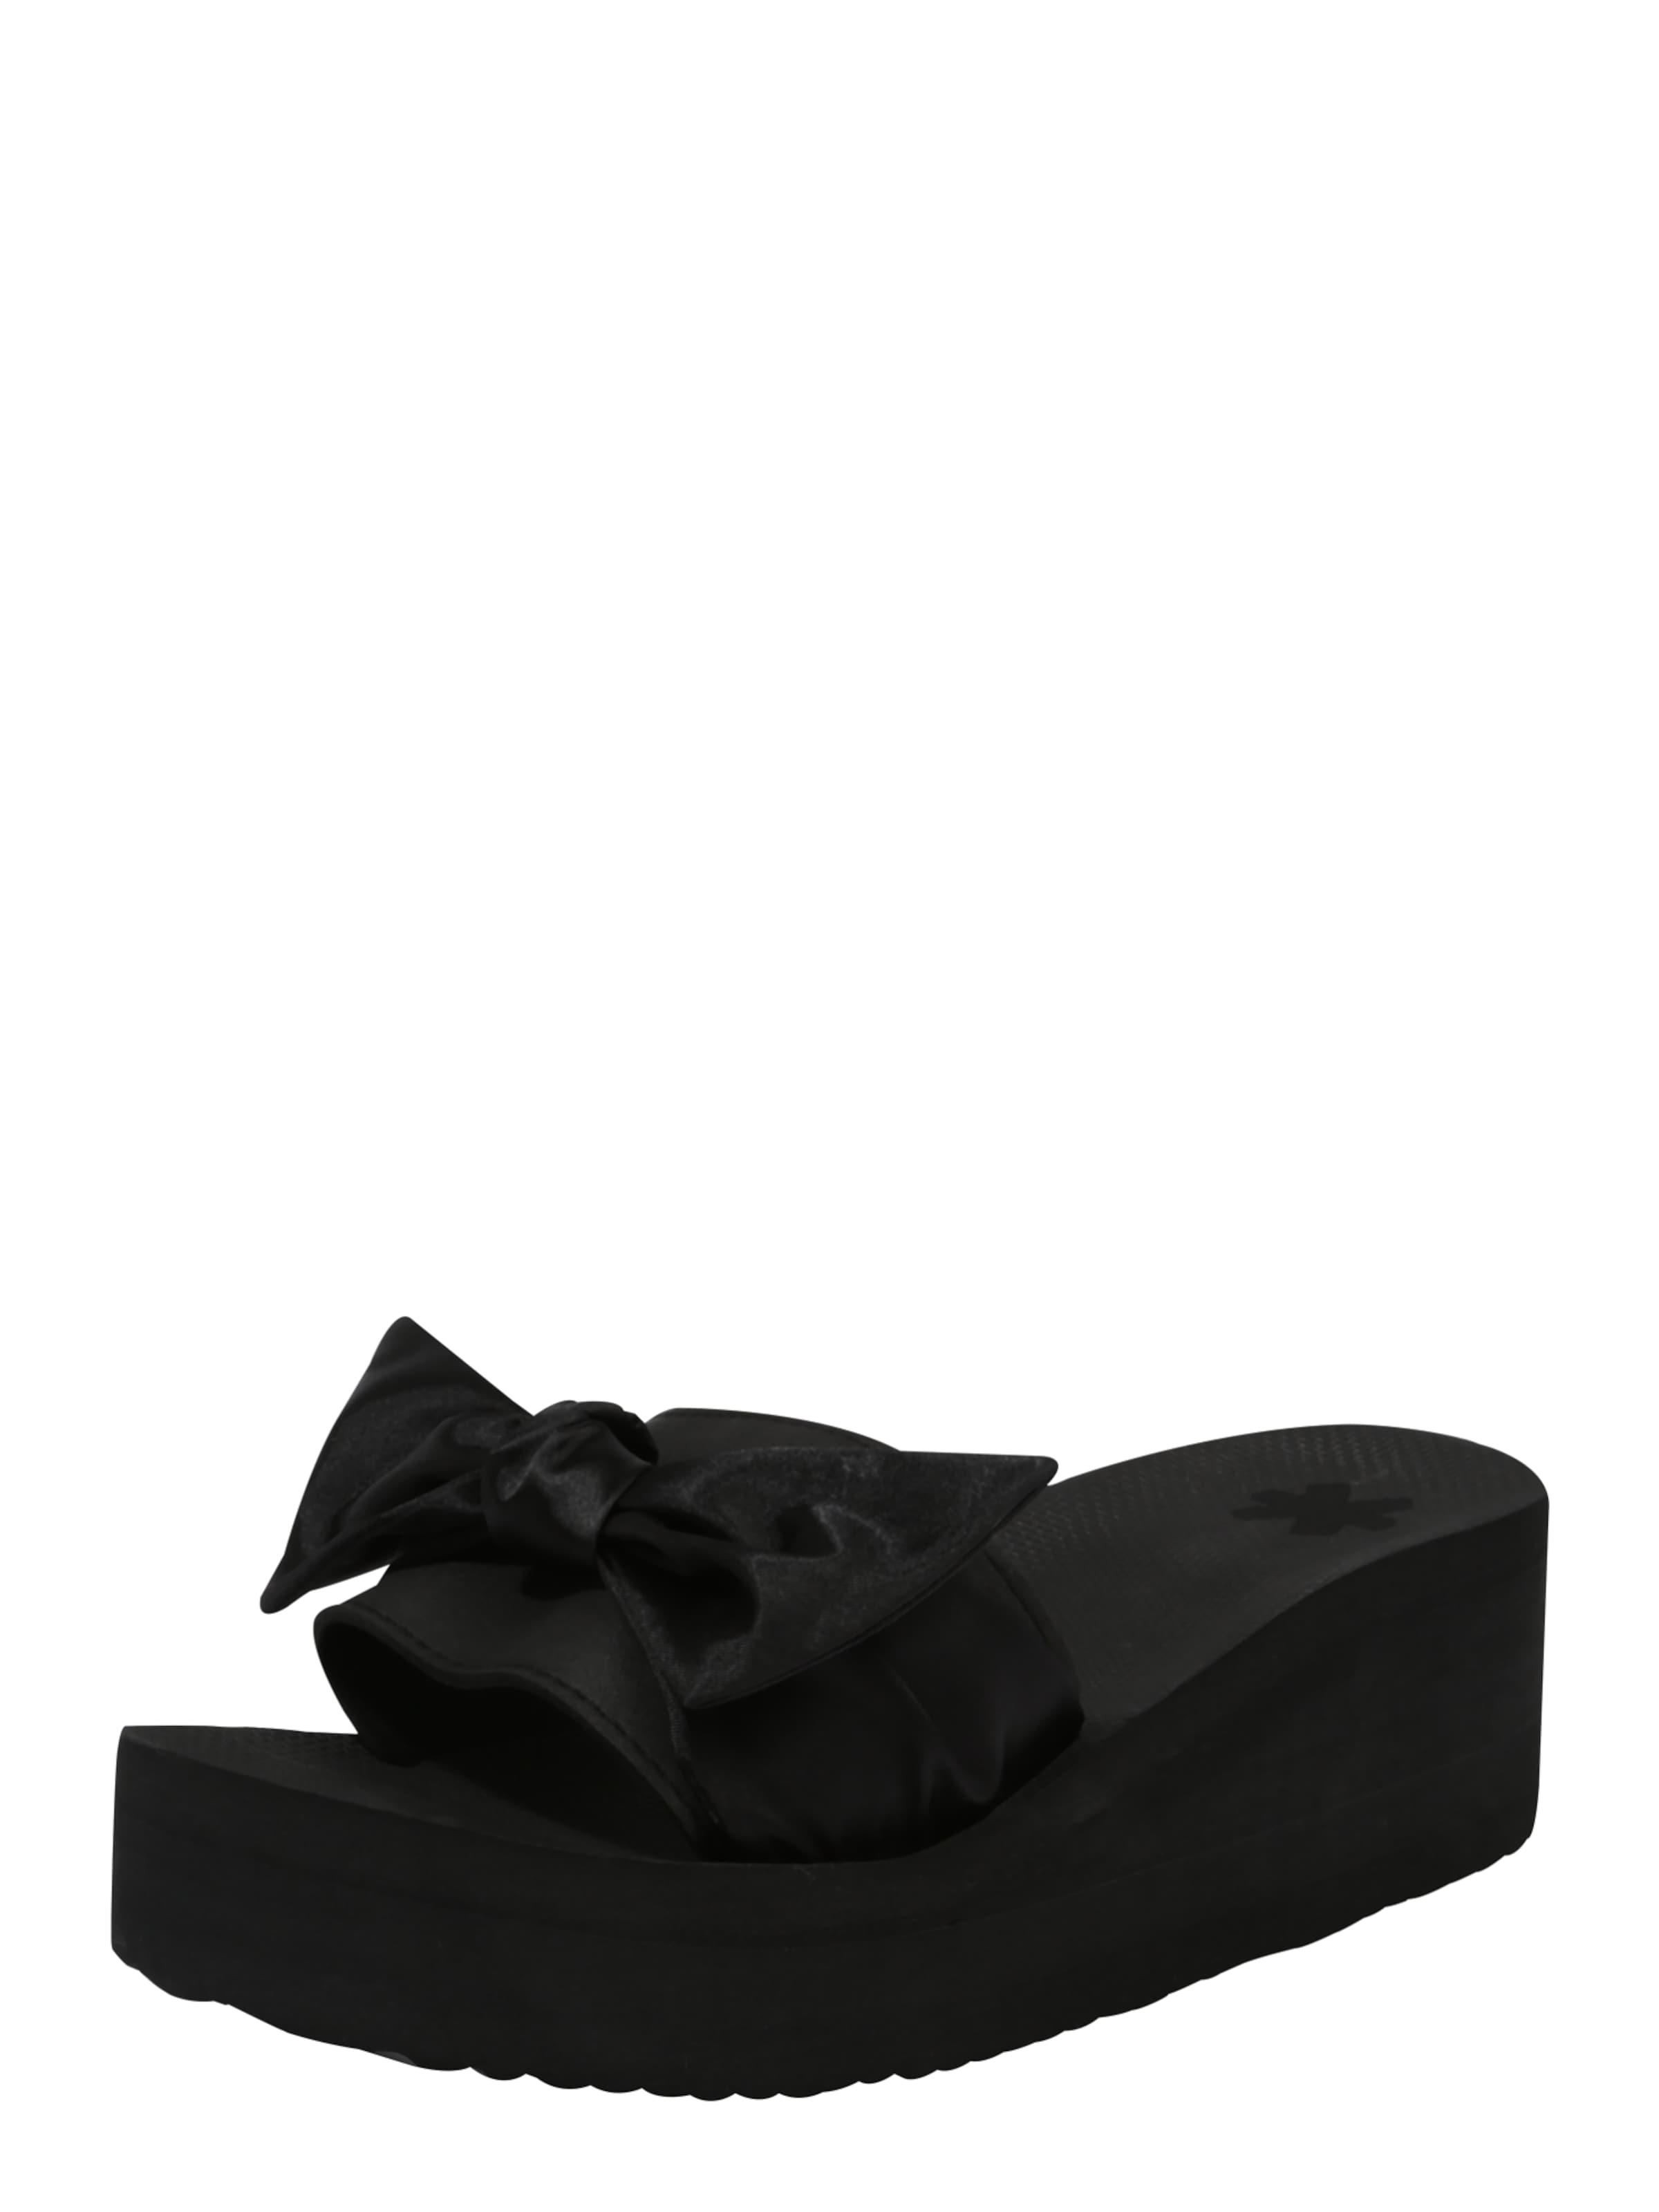 FLIP*FLOP Pantolette Verschleißfeste billige Schuhe Hohe Qualität